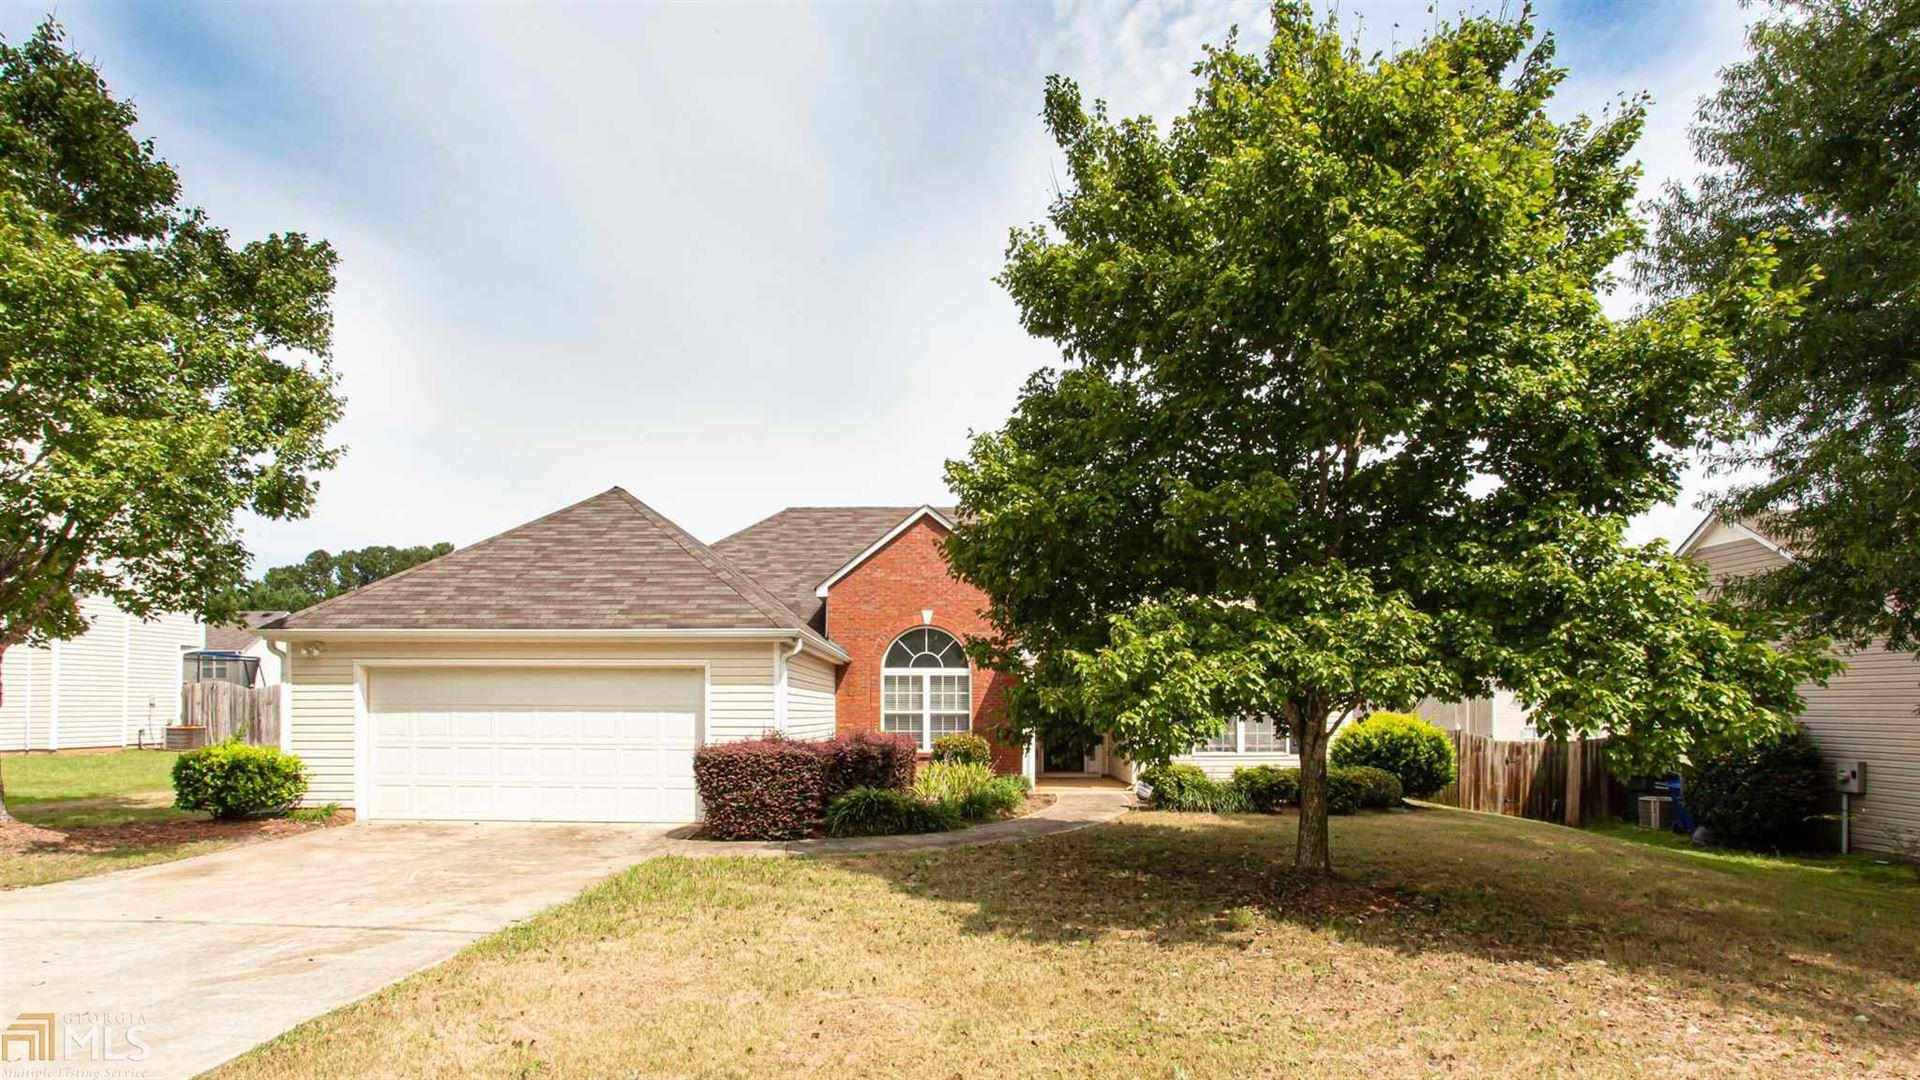 1354 Webb Meadows Ct, Loganville, GA 30052 - MLS#: 8861390